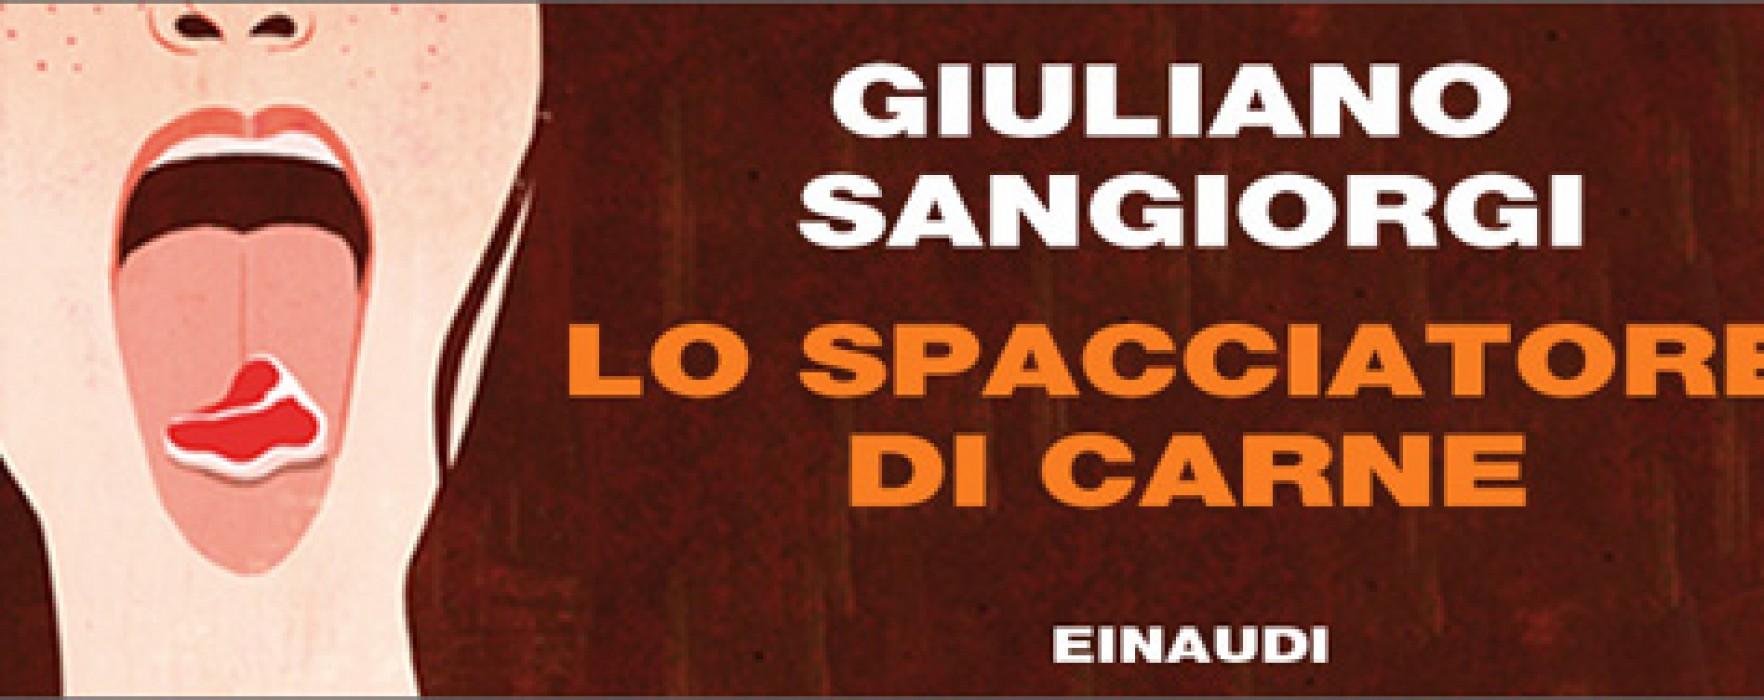 Lo spacciatore di carne di Giuliano Sangiorgi